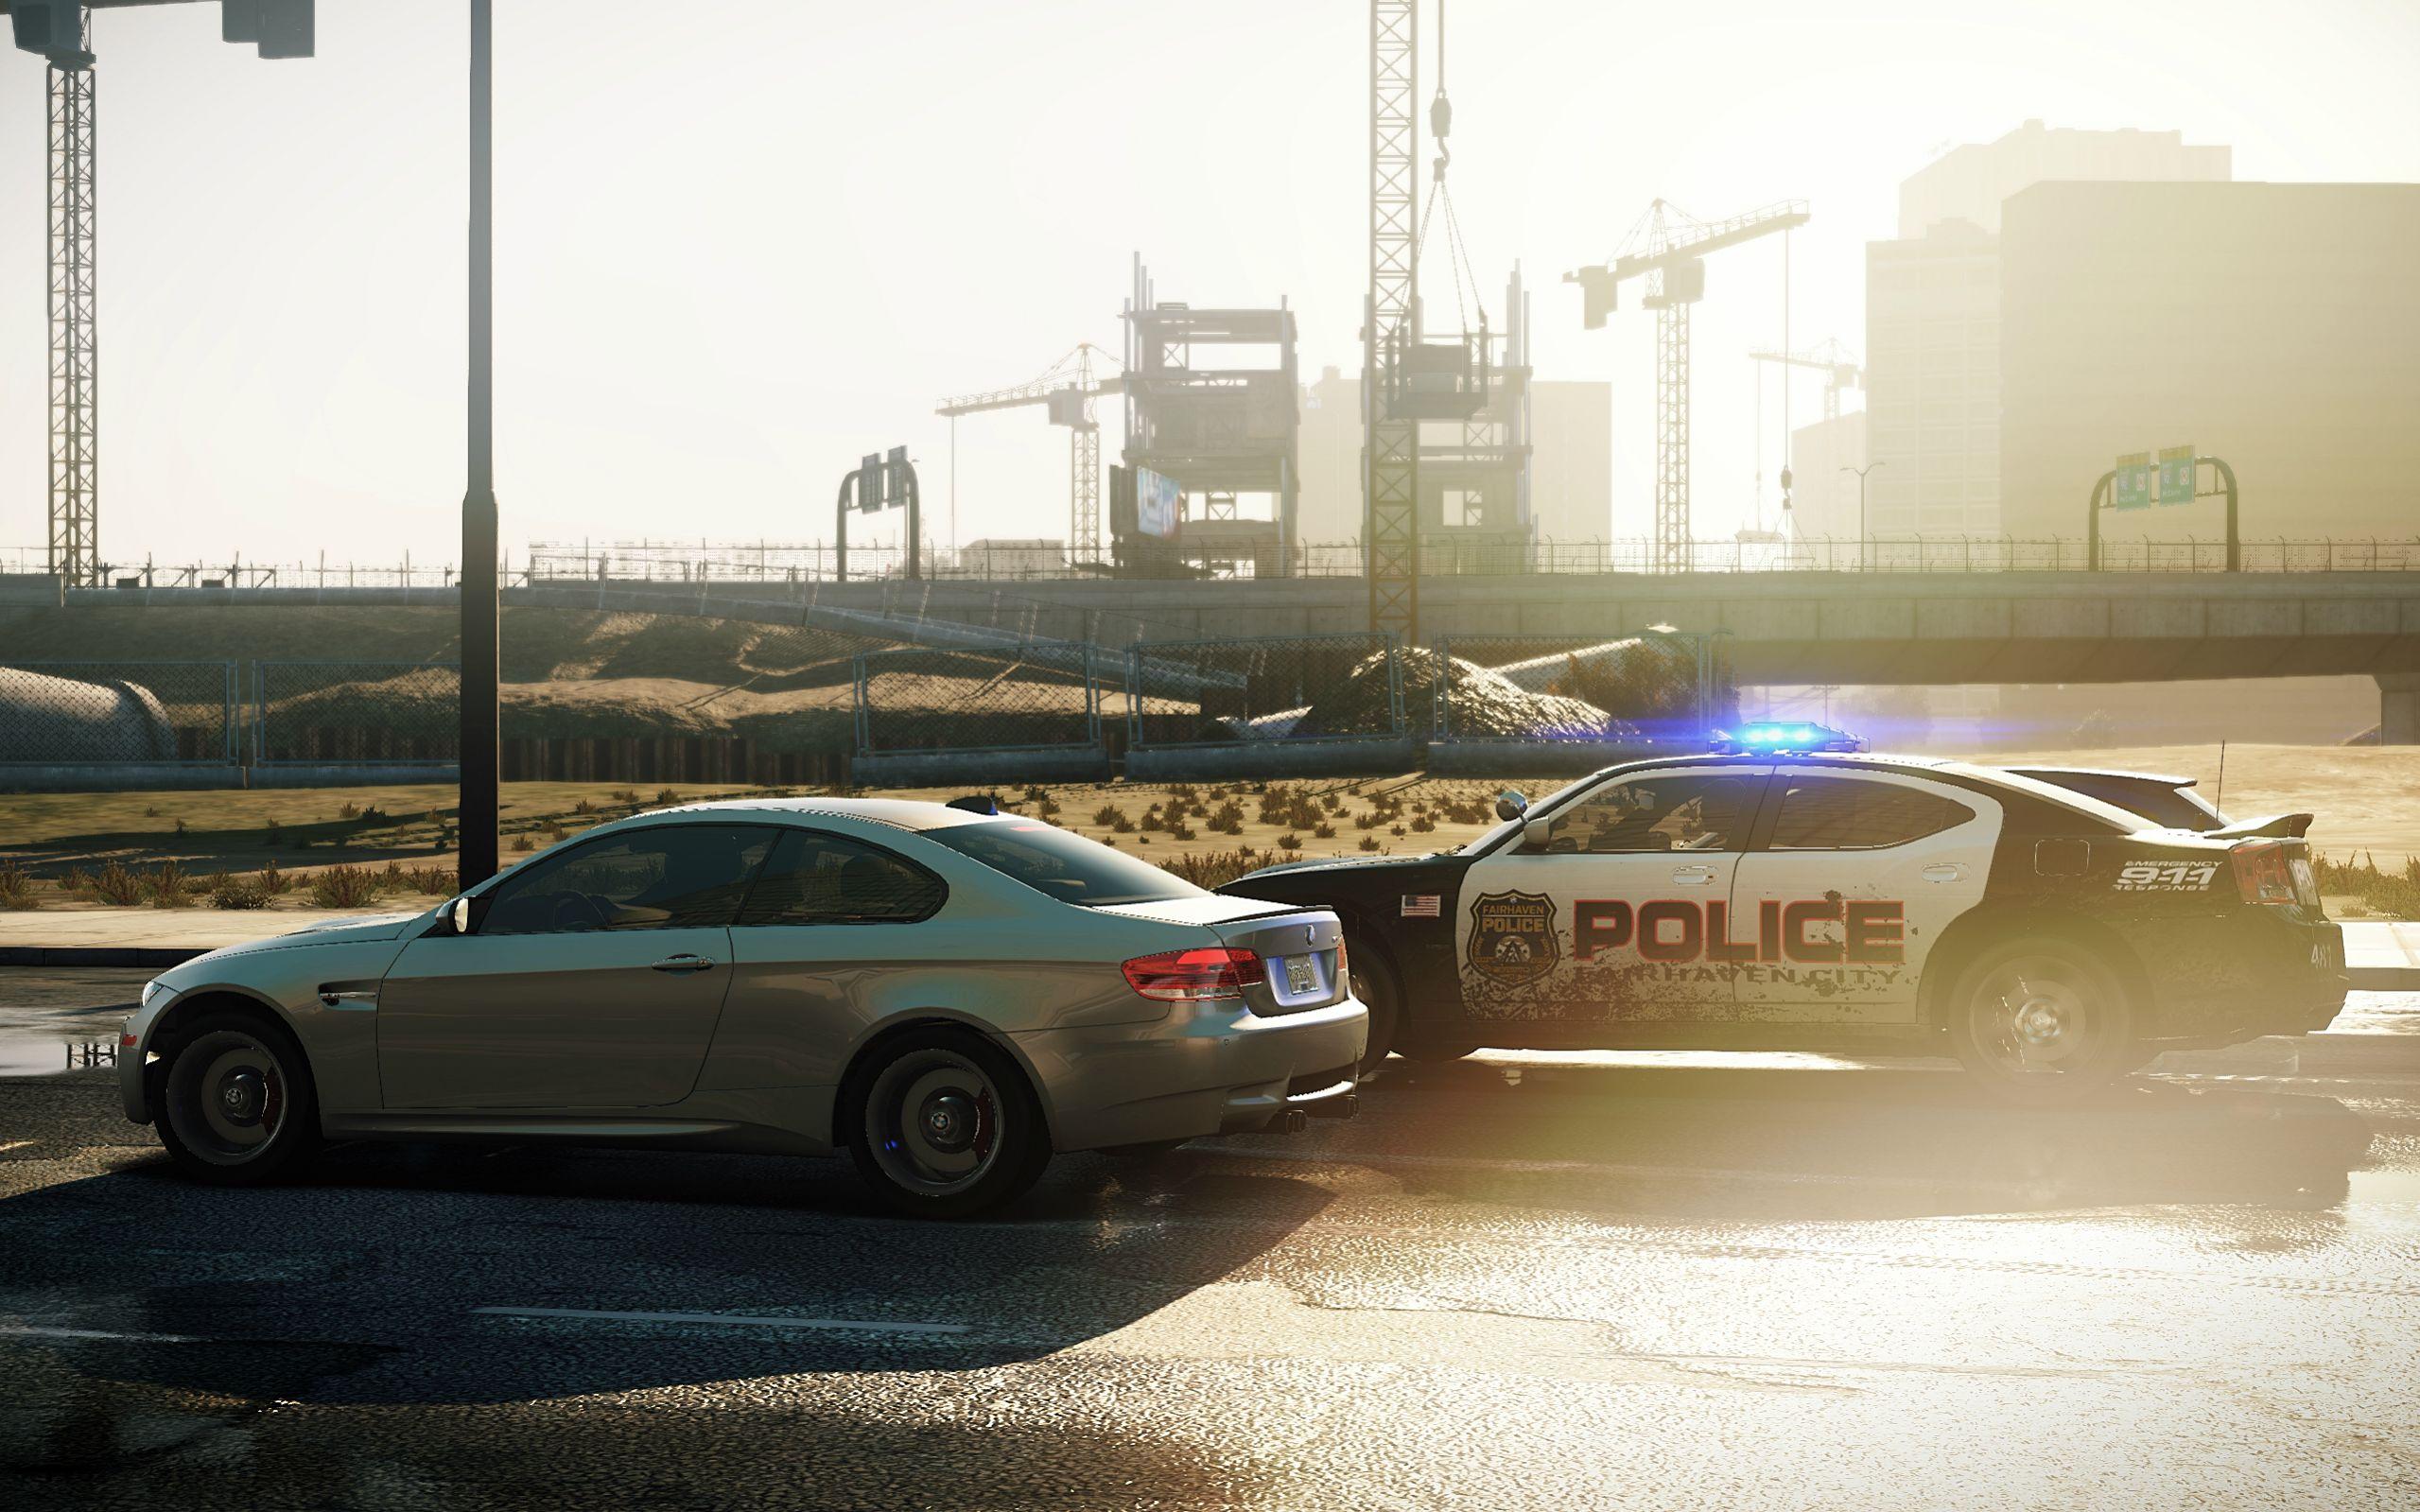 Vídeo Gameplay de NFS: Most Wanted muestra autos abandonados en un mundo abierto [Vídeo]